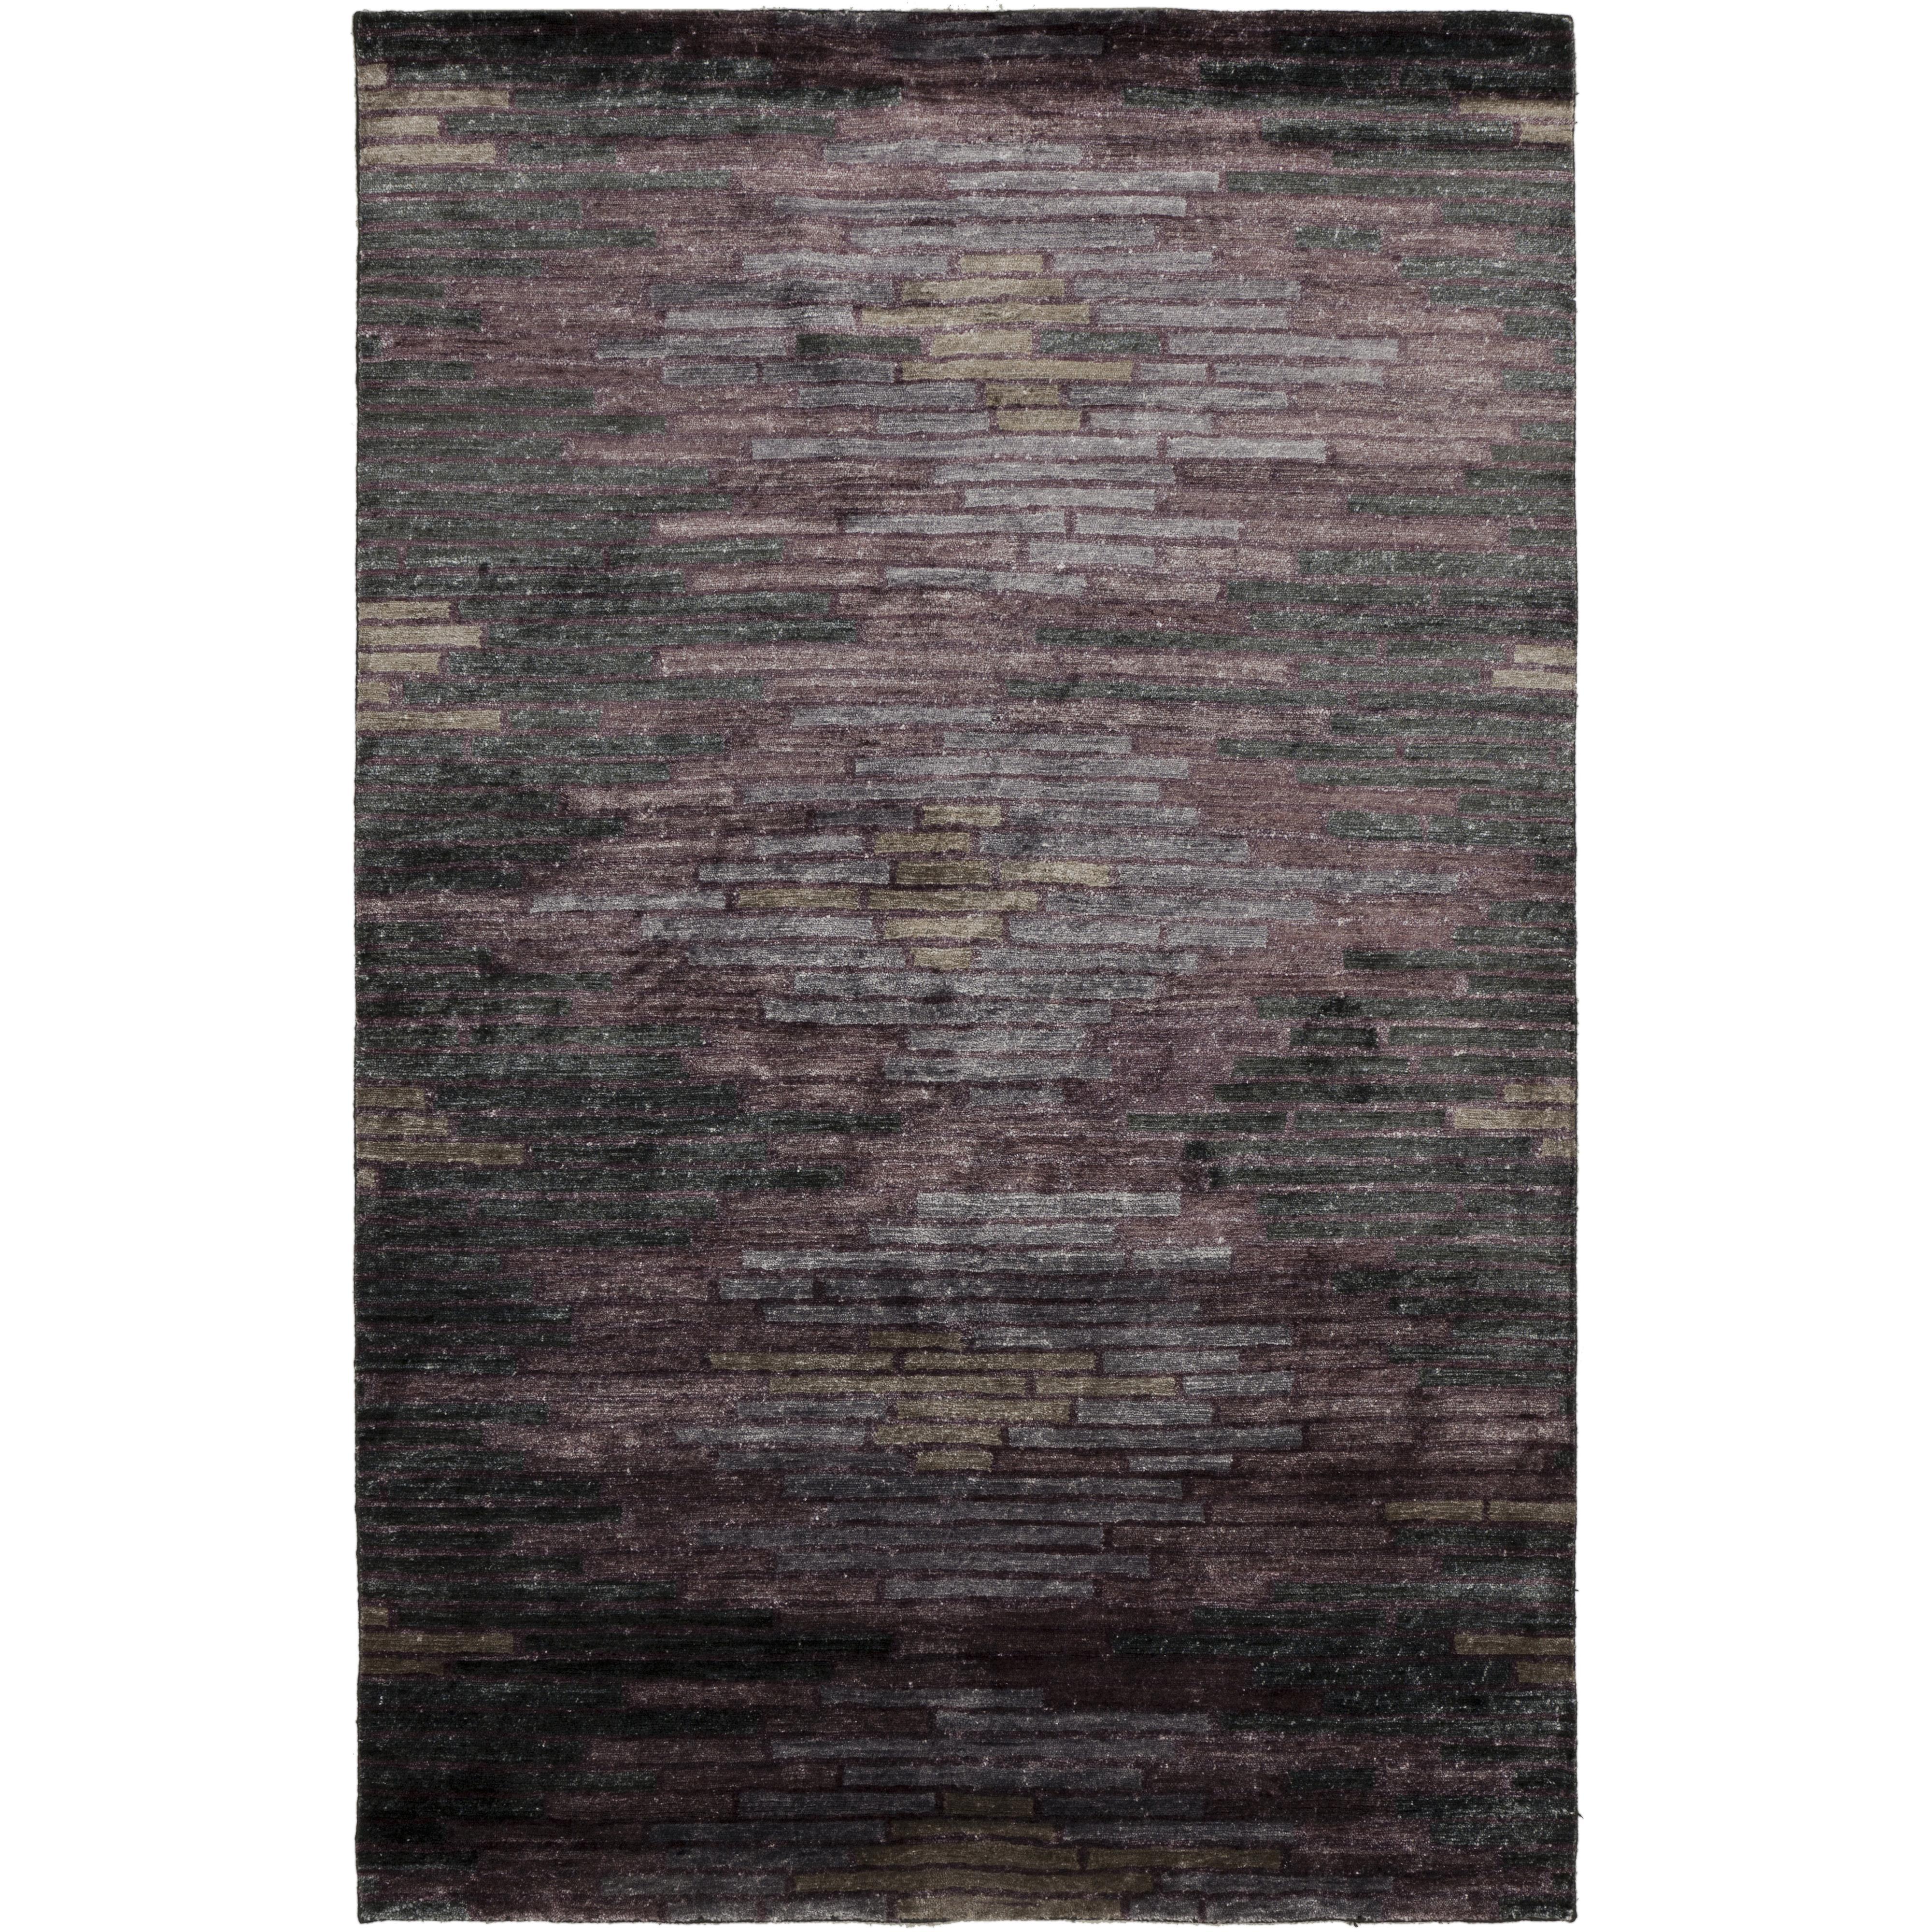 Surya Rugs Platinum 2' x 3' - Item Number: PLAT9005-23